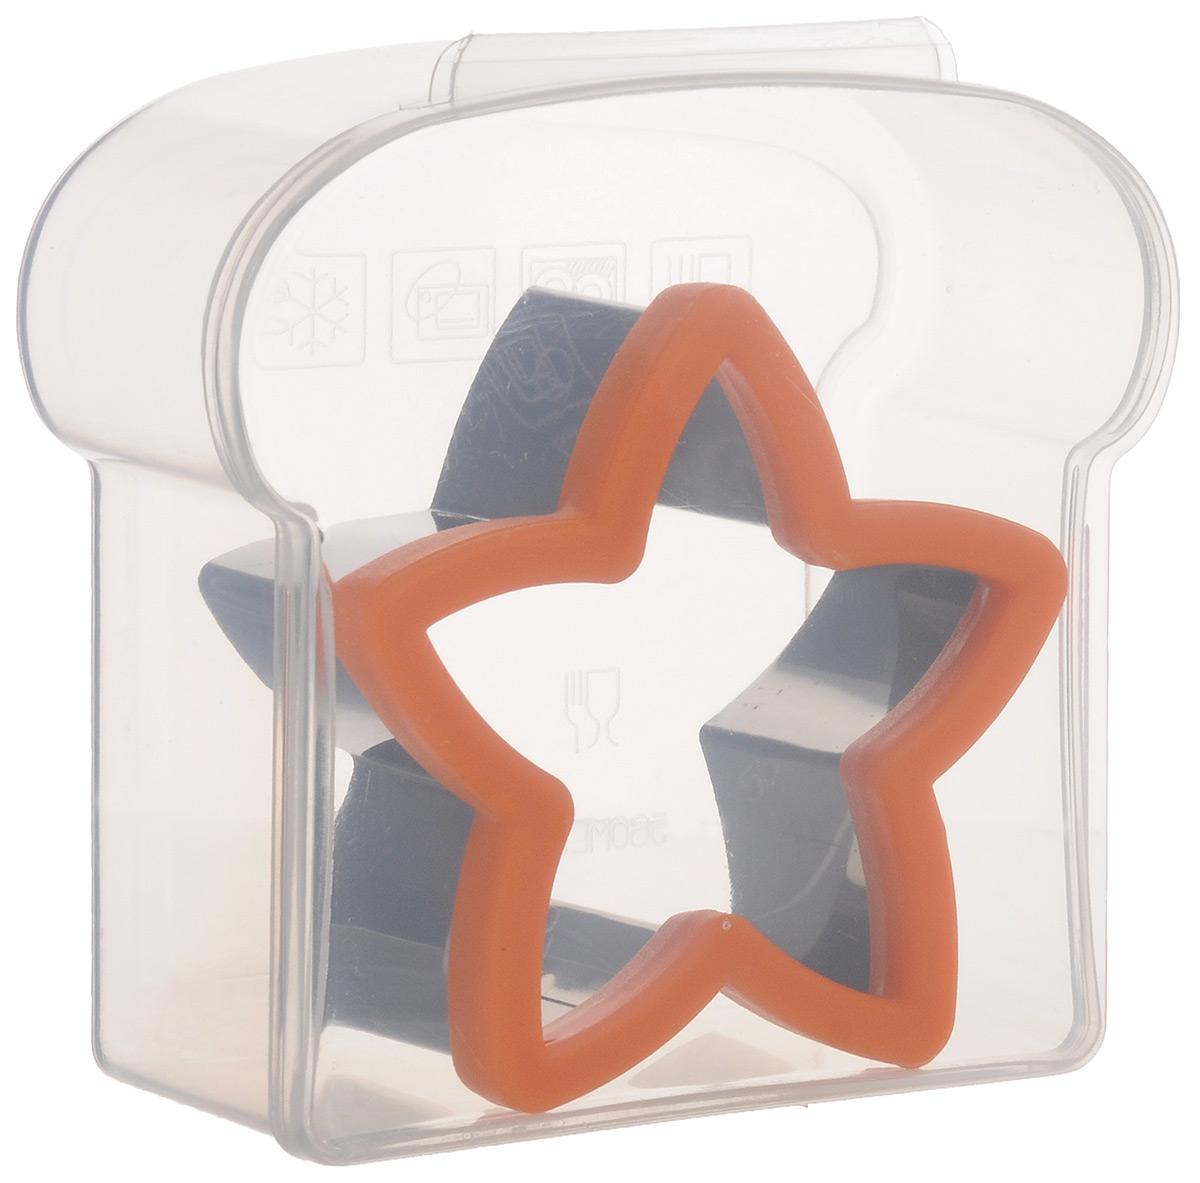 Форма для сэндвича Mayer & Boch Звезда, с контейнером40970Форма для сэндвича Mayer & Boch Звезда изготовлена из нержавеющей стали и пластика. Острая кромка позволяет вырезать фигурки не только из теста, но также из хлеба. Такая форма поможет создавать сэндвичи оригинальной формы и радовать удивительным оформлением всю вашу семью. В комплекте - пластиковый контейнер с герметичной крышкой в форме сэндвича для хранения бутербродов. Можно мыть в посудомоечной машине, не использовать в микроволновой печи. Размеры формы: 10,5 см х 10,5 см х 4,5 см.Размеры контейнера: 14 см х 13,5 см х 5,5 см.